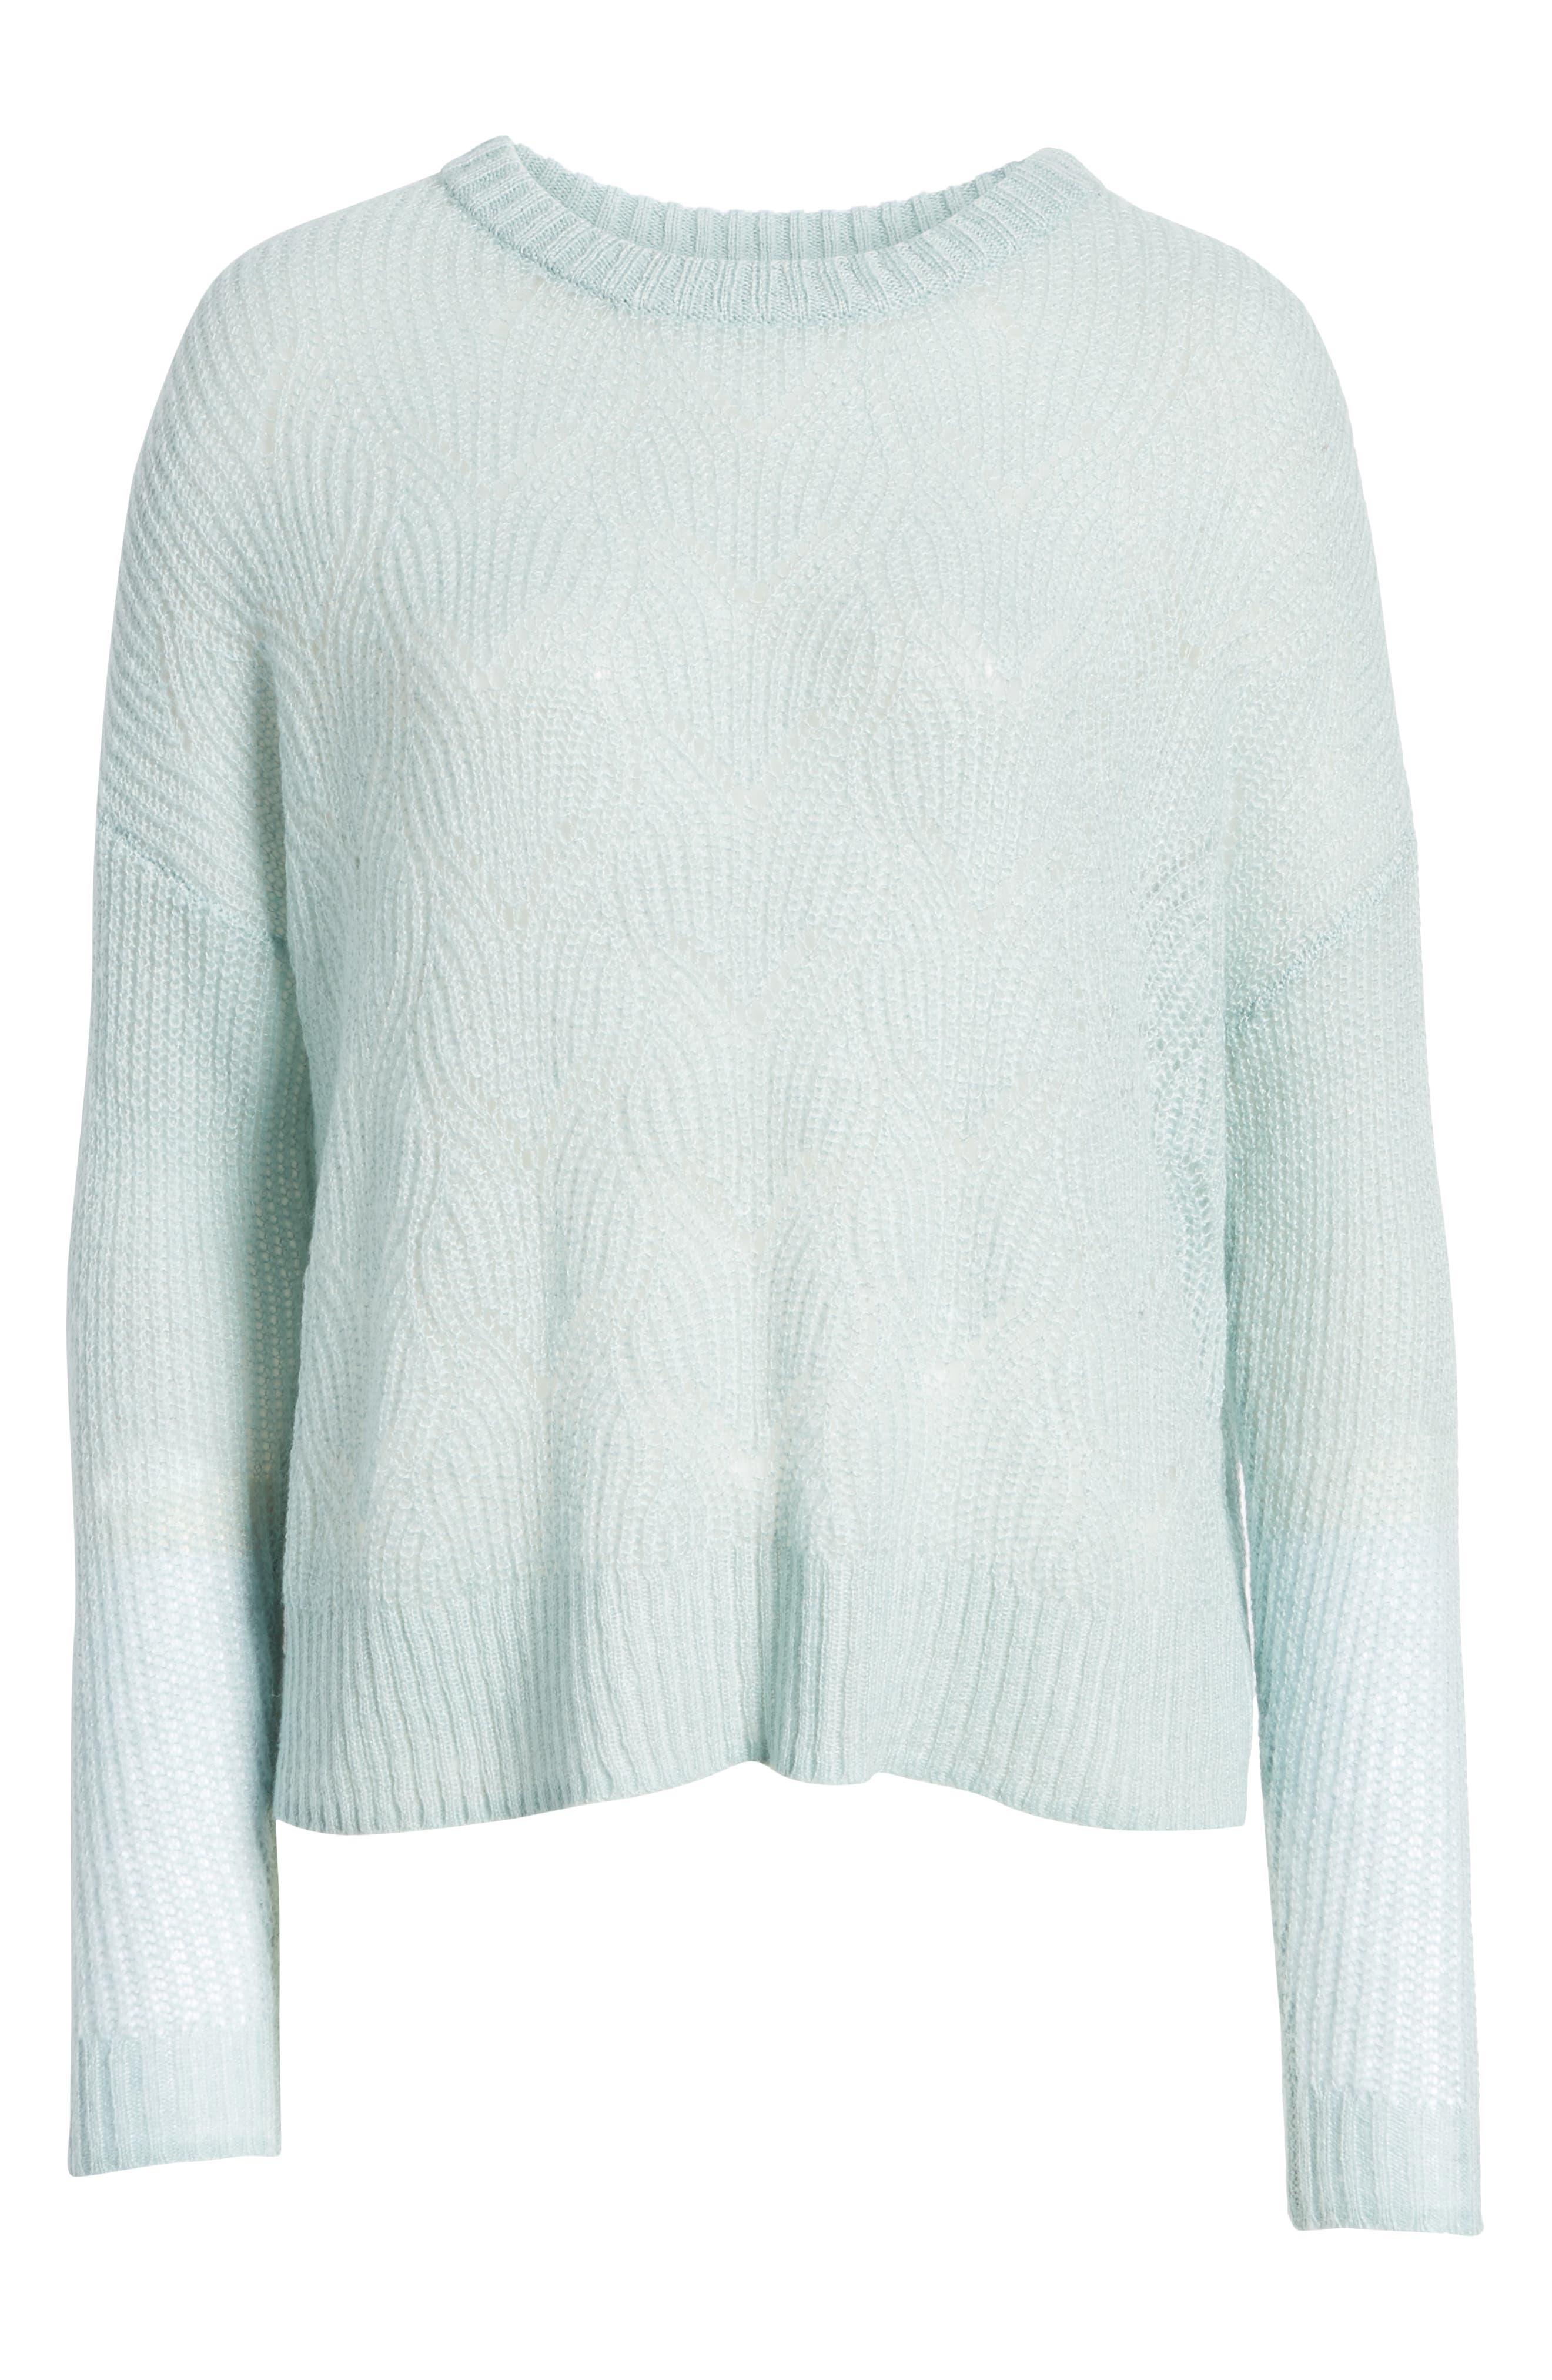 BP., Pointelle Stitch Sweater, Alternate thumbnail 7, color, BLUE CLOUD